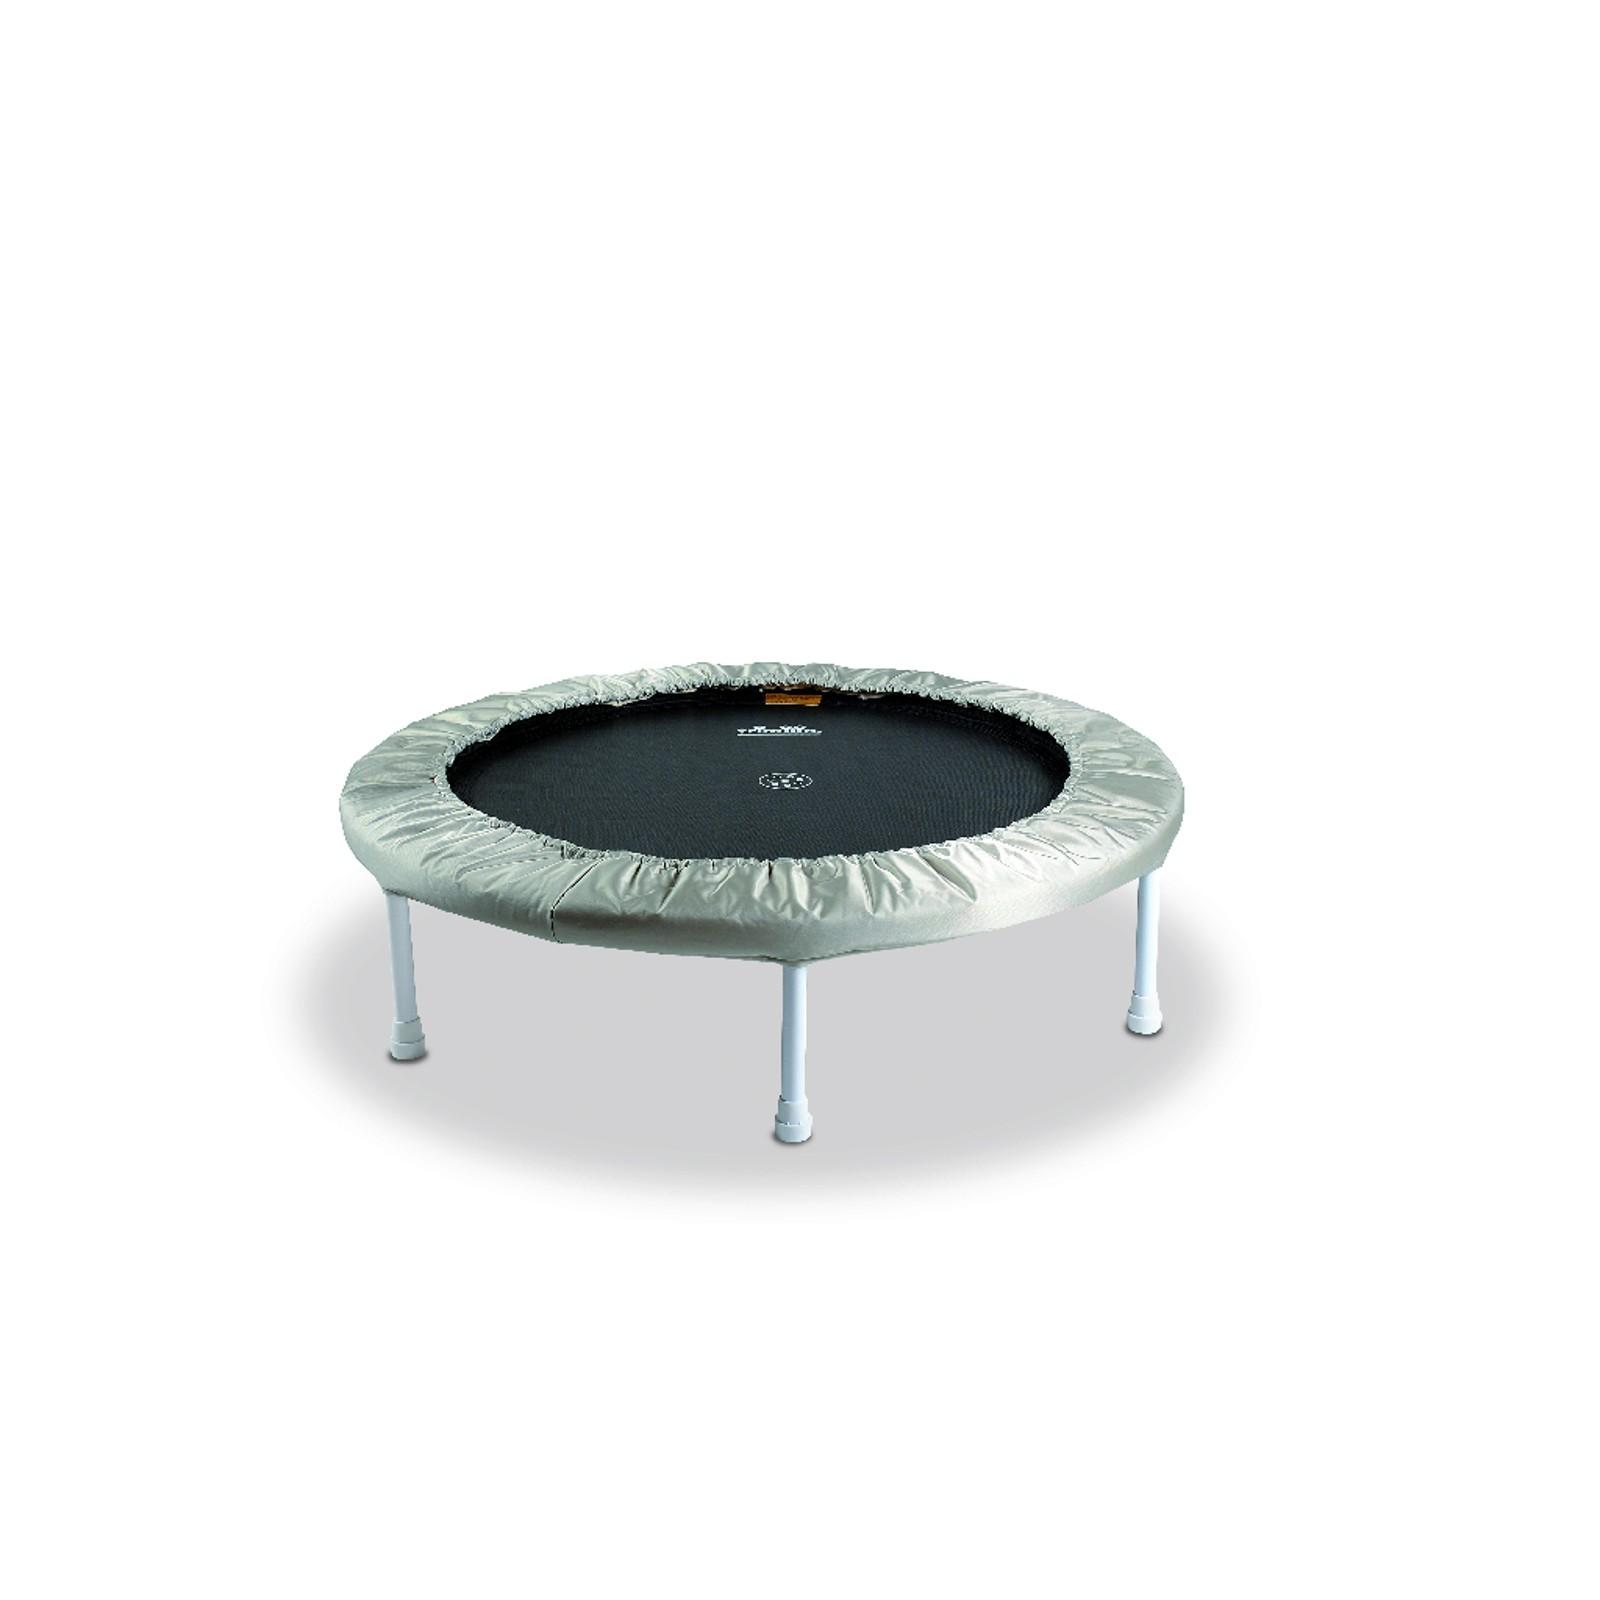 heymans trimilin trampolin sport k b med 55 kundebed mmelser fitshop. Black Bedroom Furniture Sets. Home Design Ideas